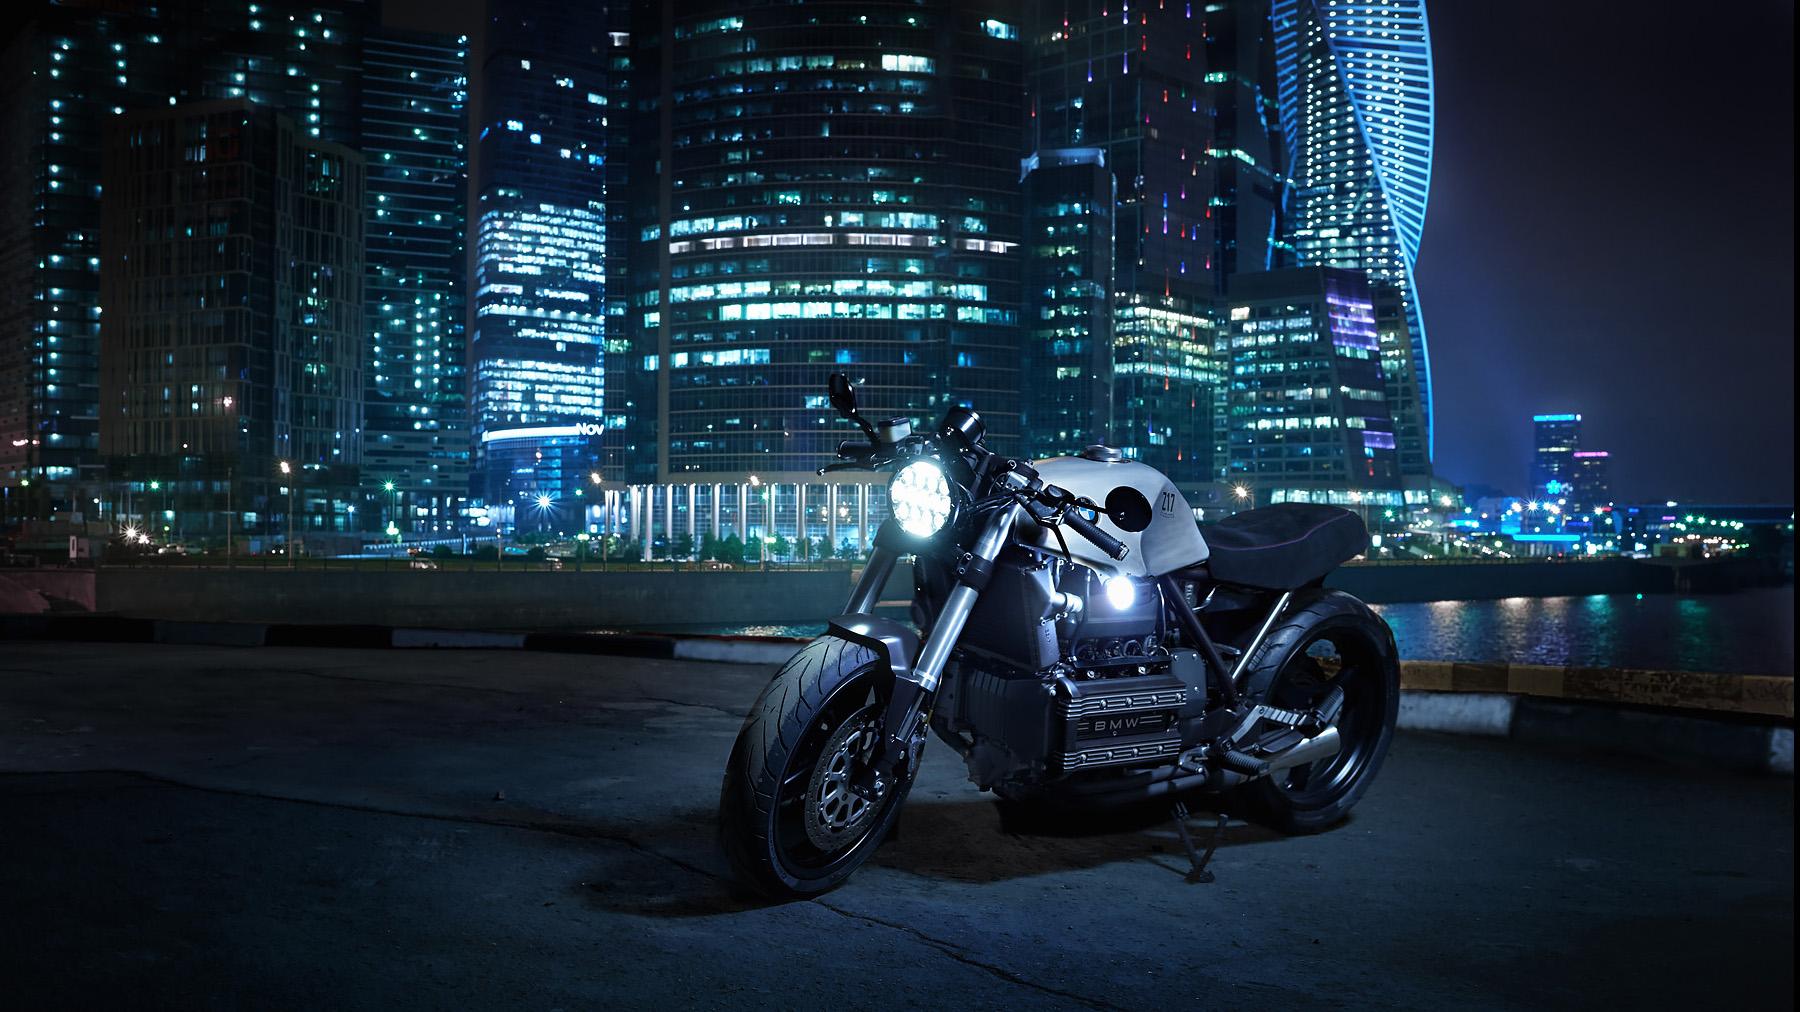 совсем смешно картинки мотоцикл и ночь этих интересных объектов